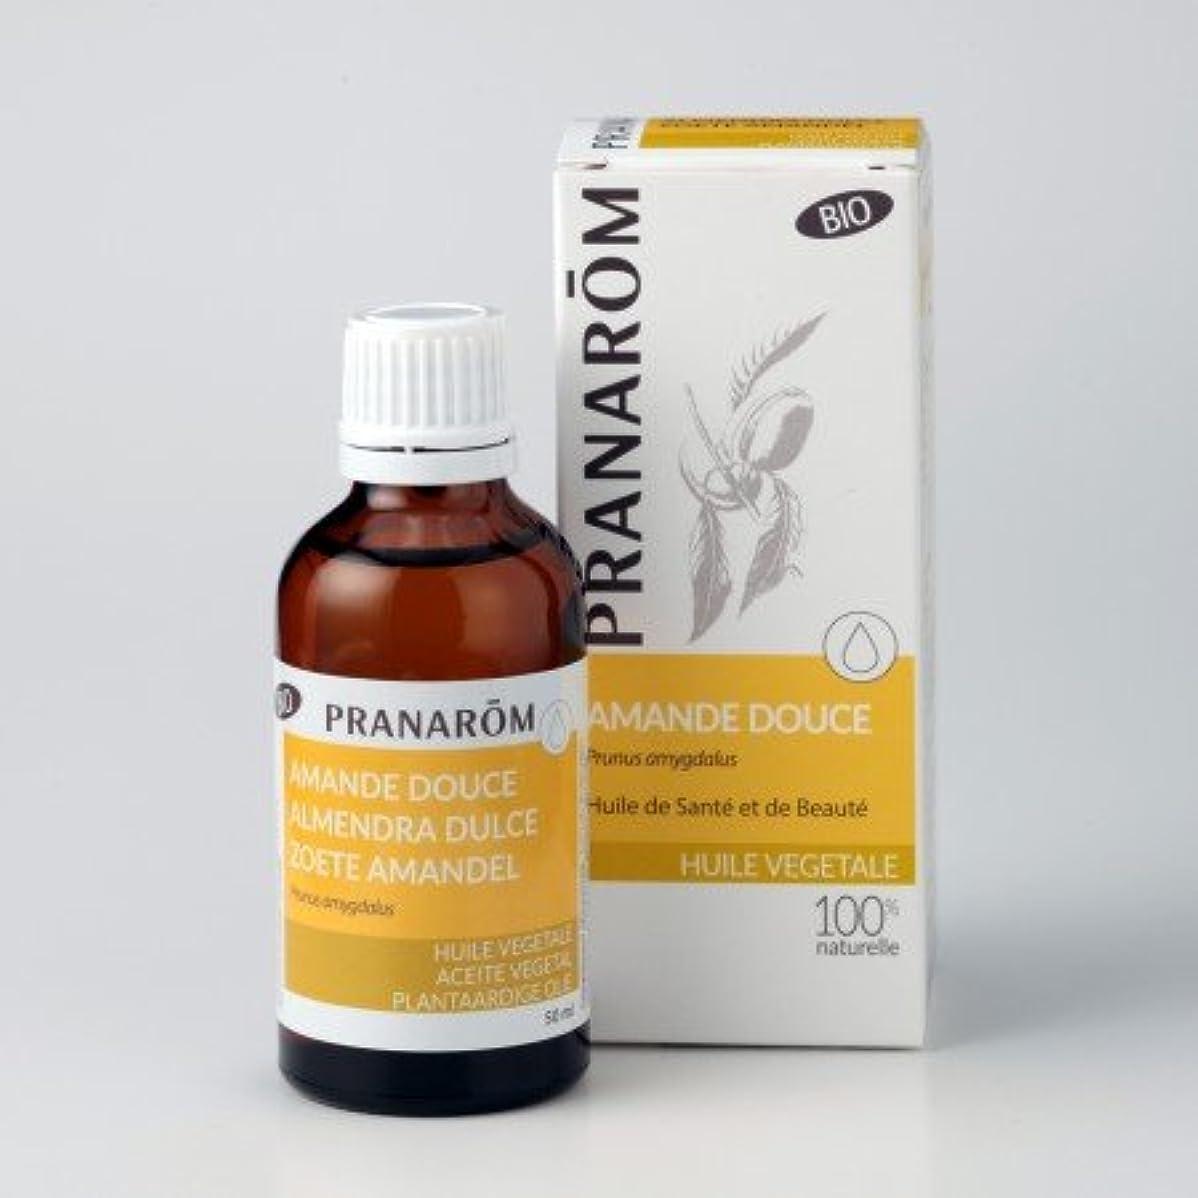 楽しい上院議員港プラナロム ( PRANAROM ) 植物油 スィートアーモンド油 ( スイートアーモンド油 ) 50ml 12640 スイートアーモンドオイル キャリア...